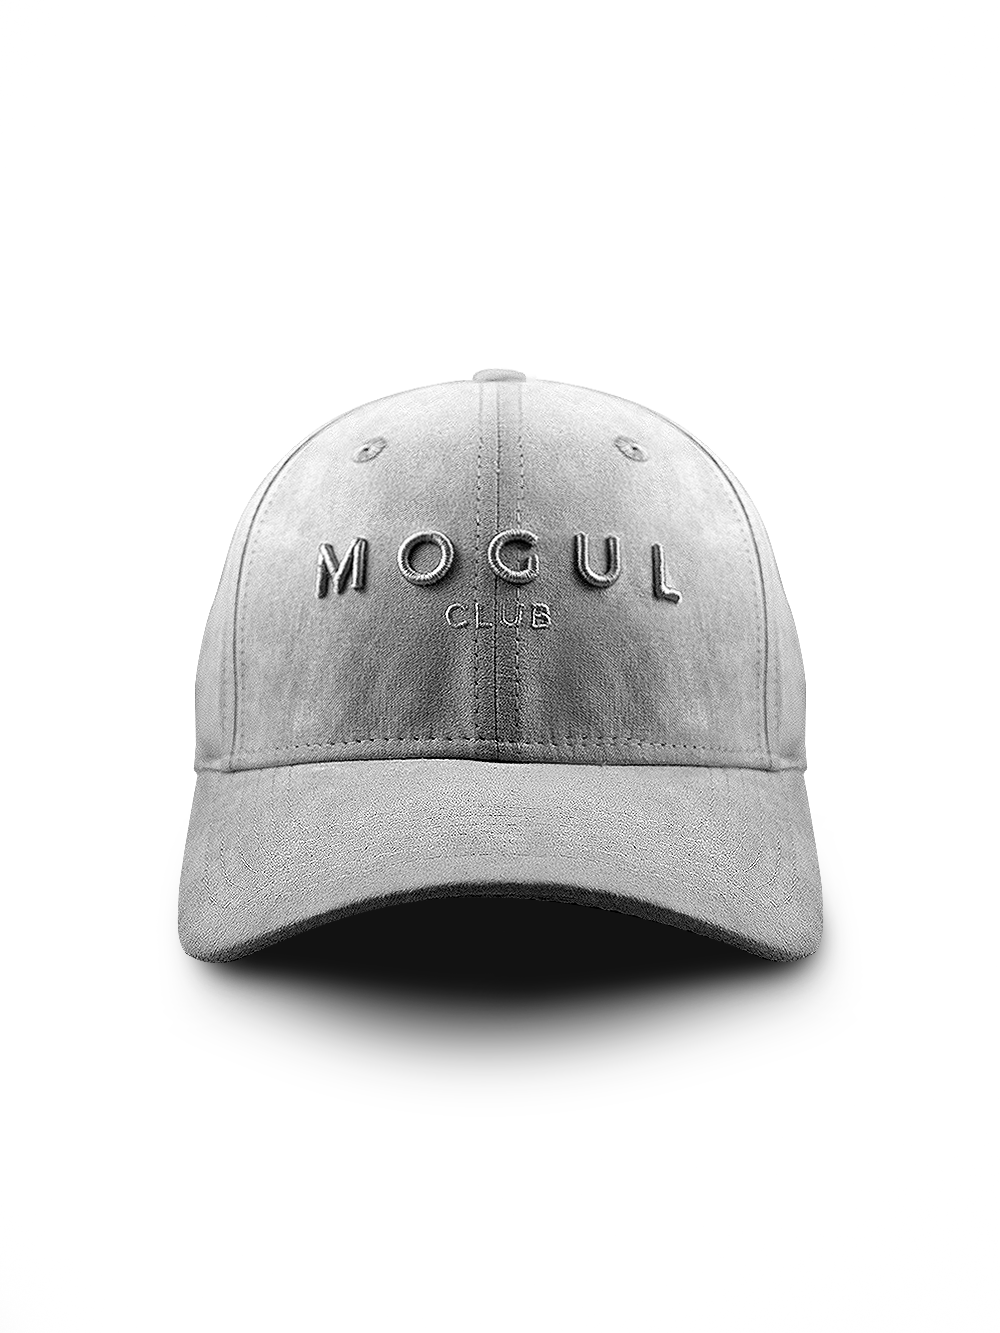 Luxe Suede Baseball Cap Grey - Mogul Club 365eaf6a5a2